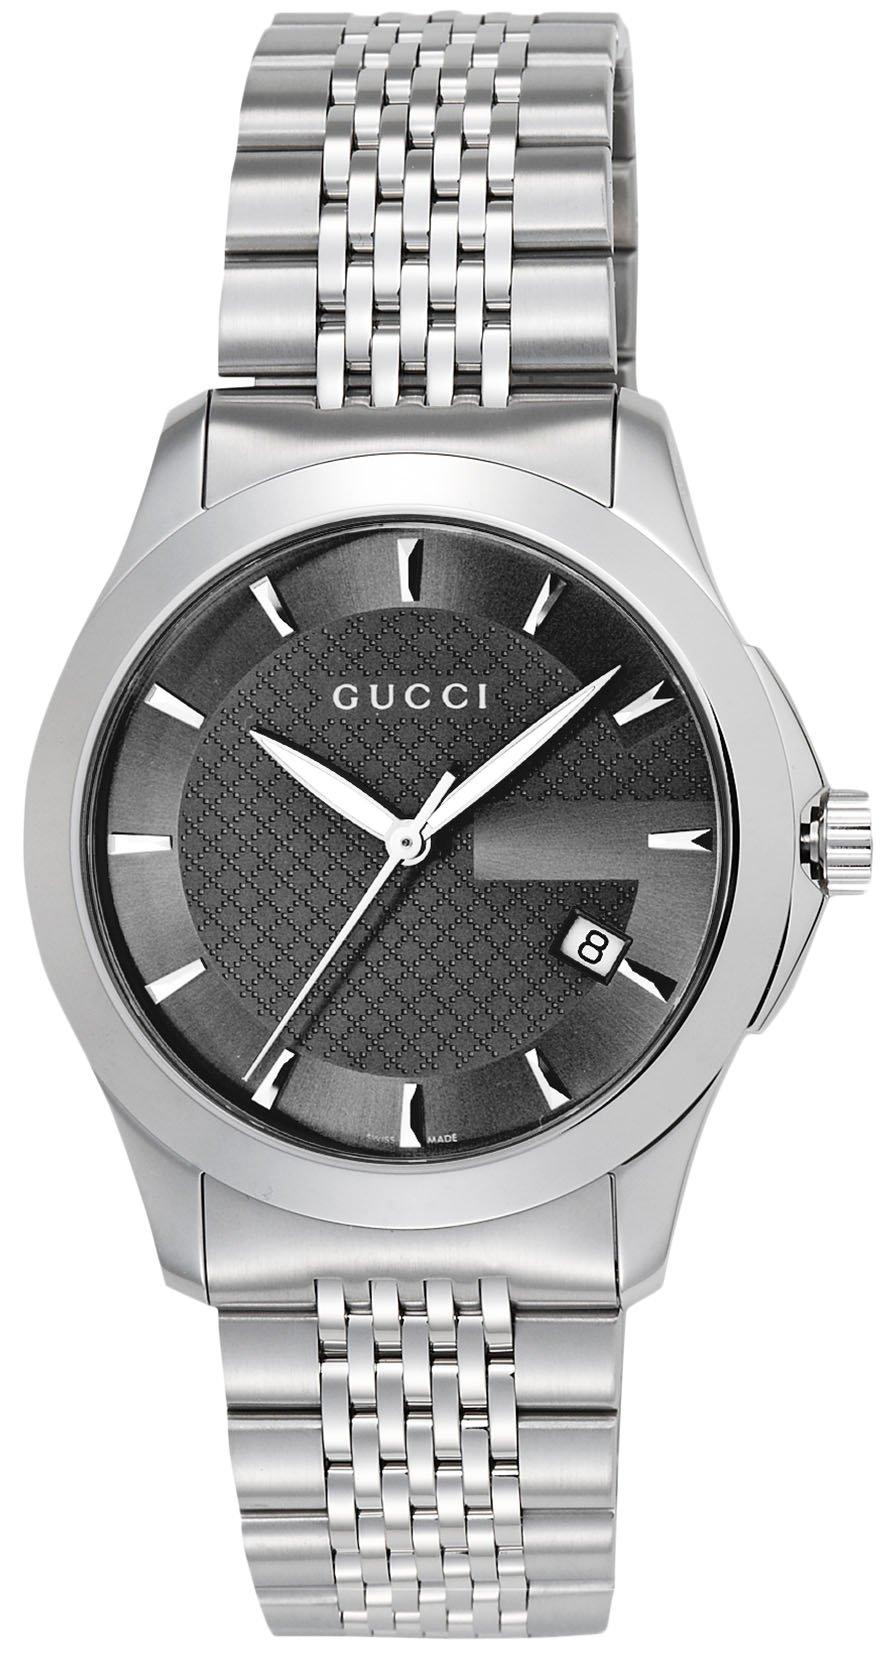 [古驰]GUCCI 腕表 G-Timeless 126MD SS黑色 YA126402 男士